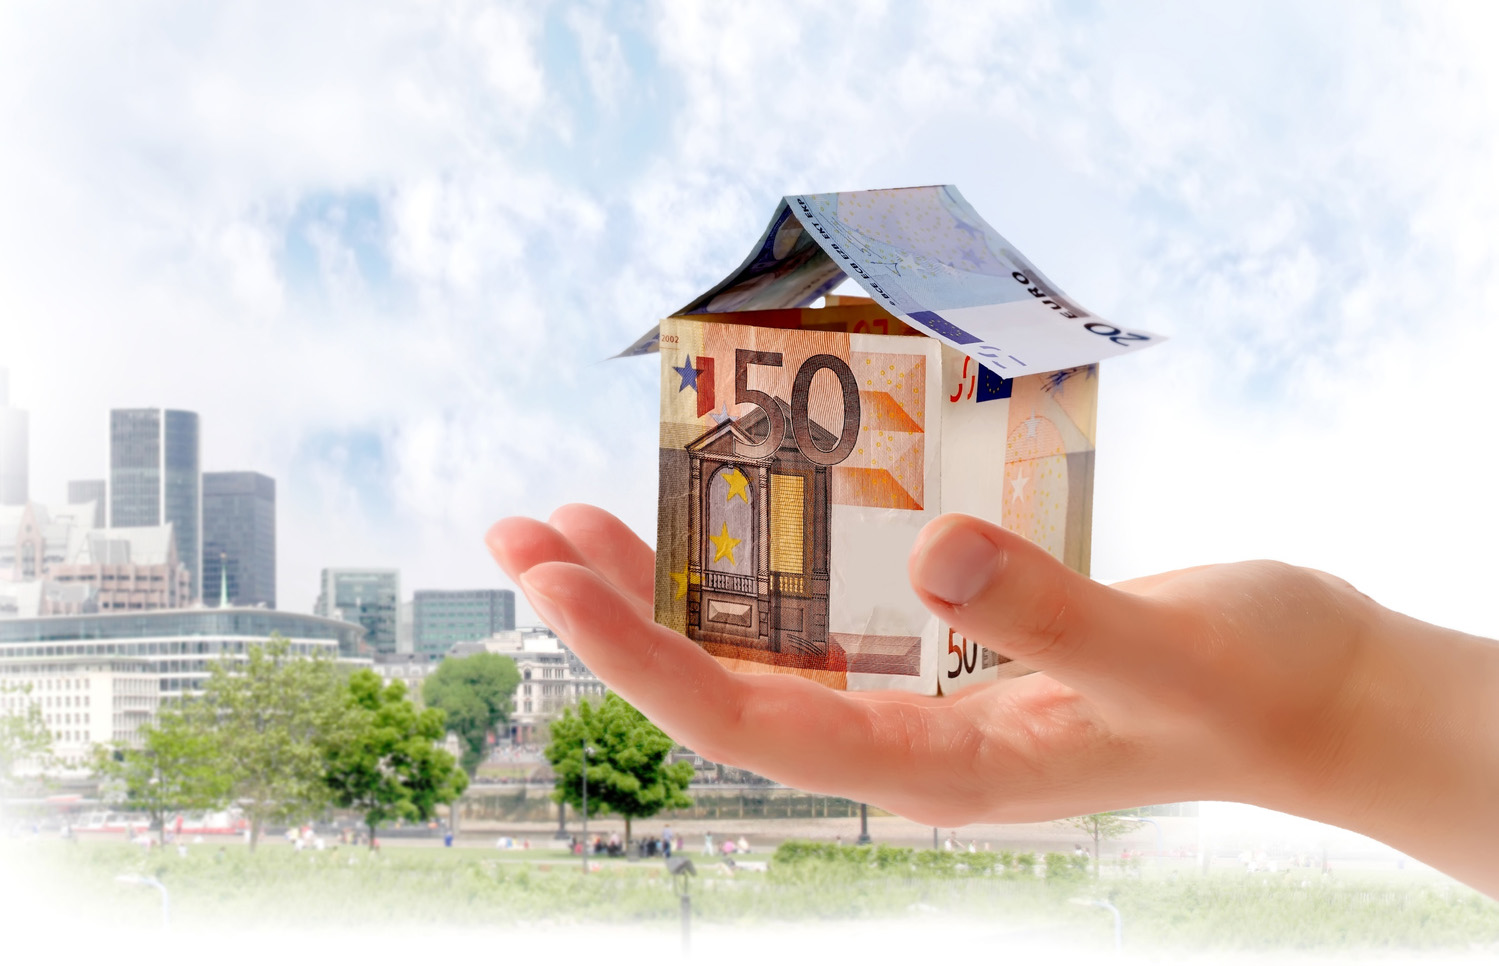 Fondo sociale per l'affitto per famiglie economicamente svantaggiate